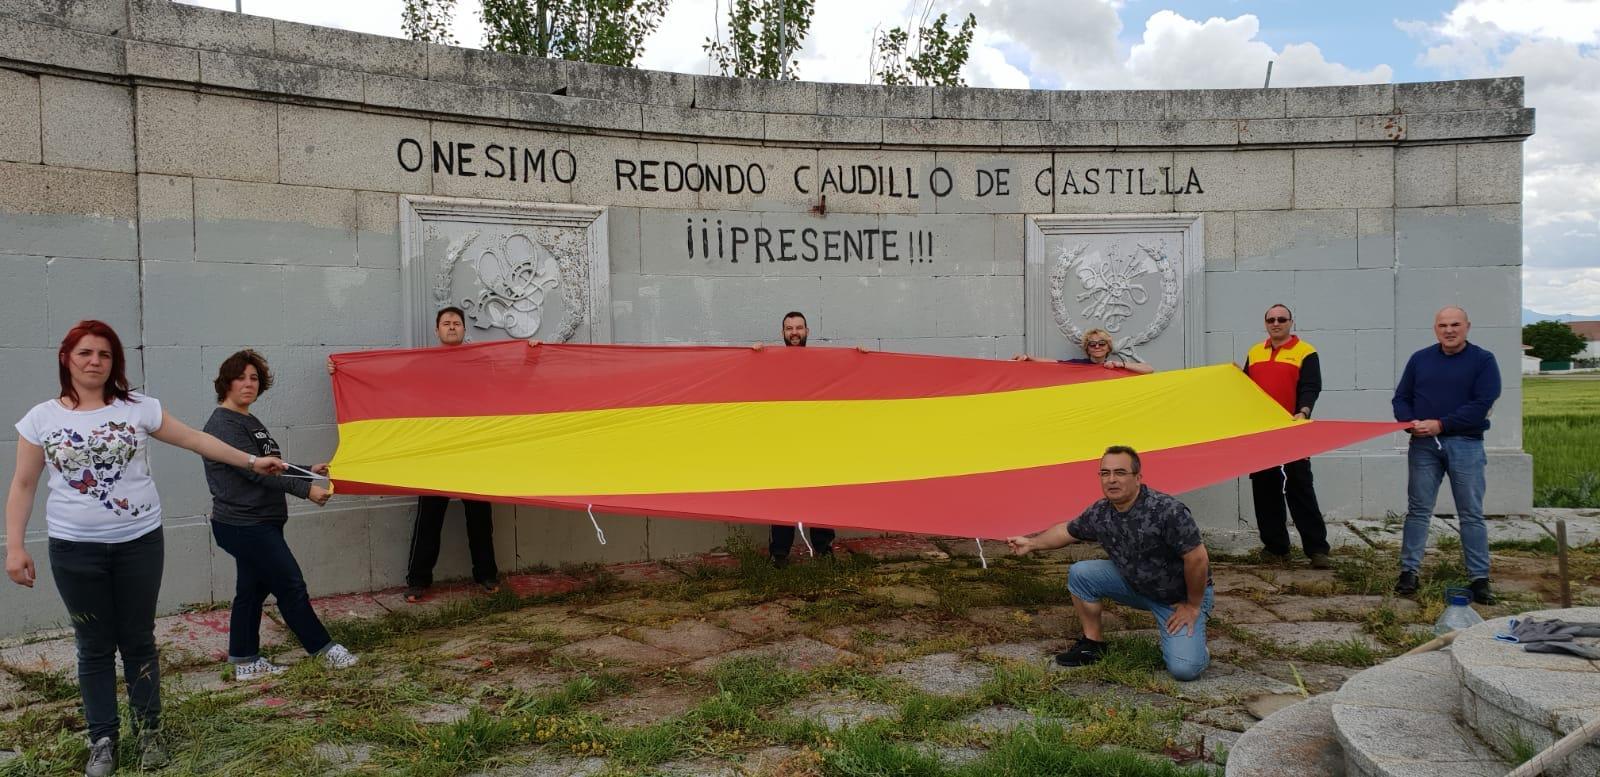 Últimas actividades de la Jefatura de Castilla y León: La Falange es movimiento